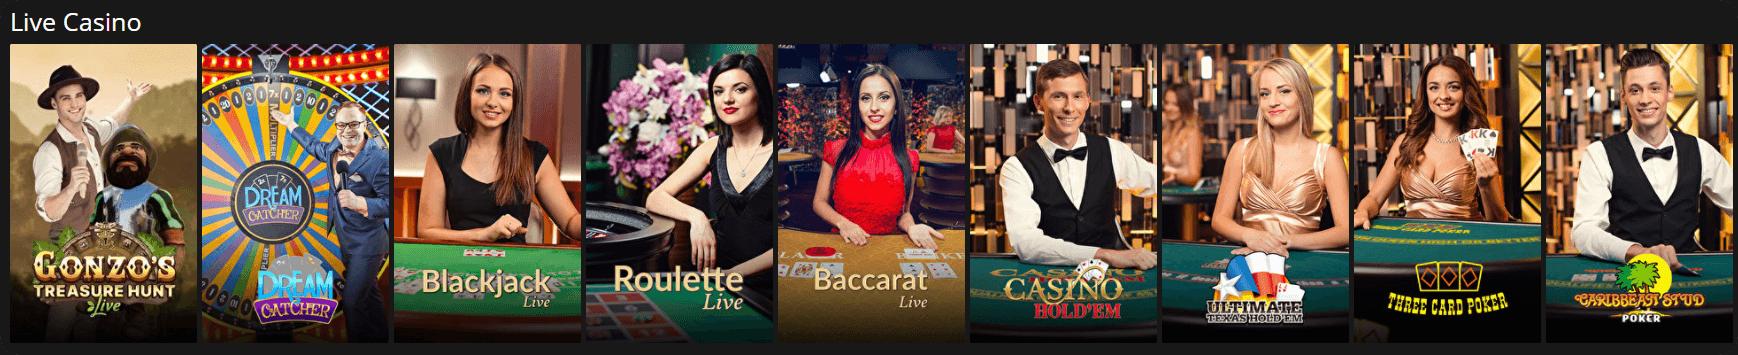 vegas baby Live Casino